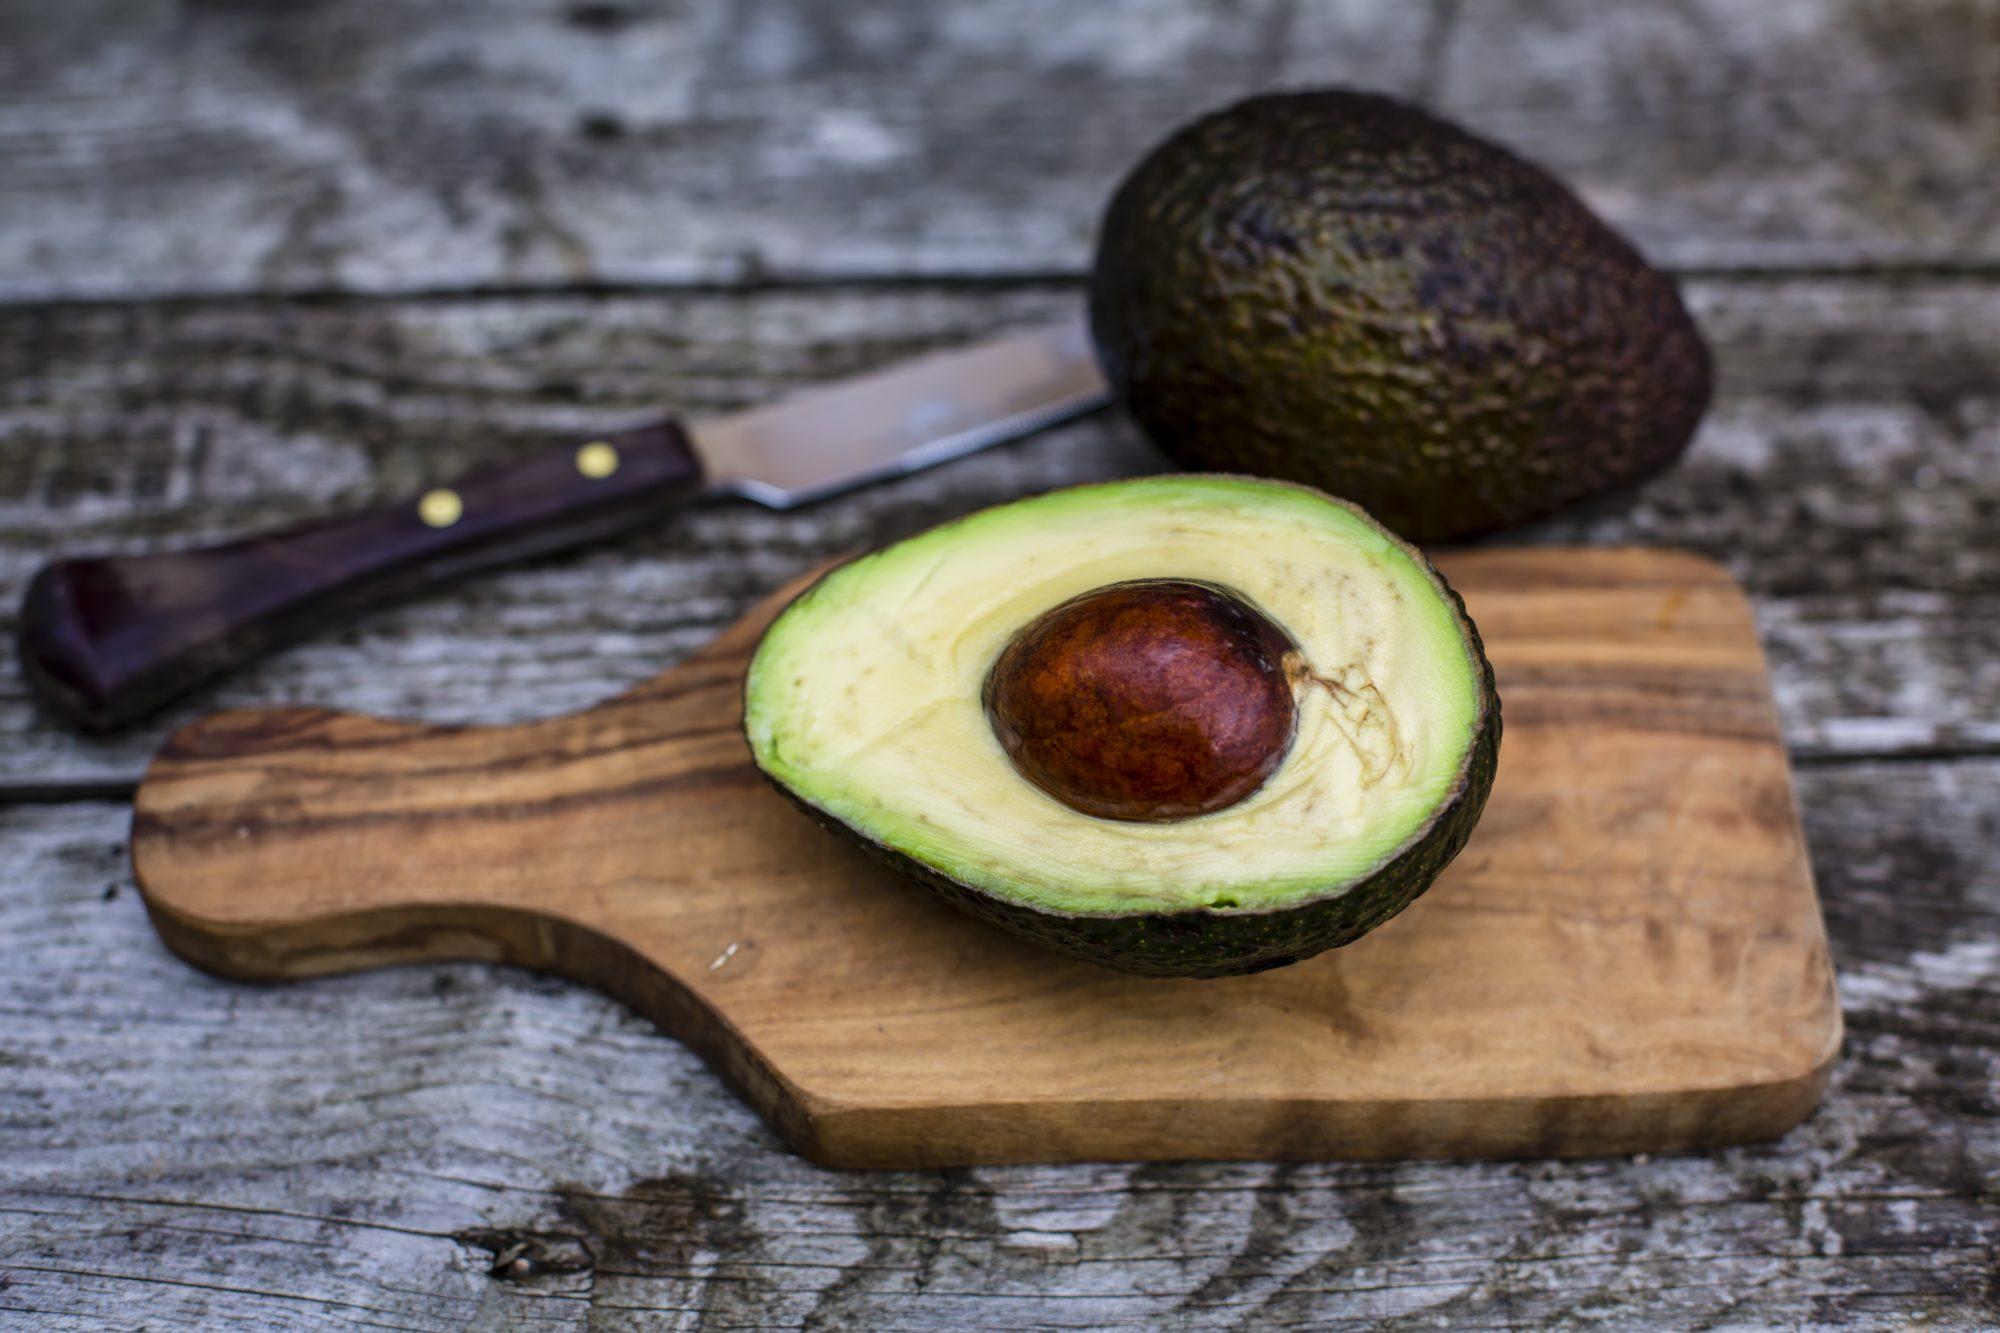 avocado-cutting-board-knife